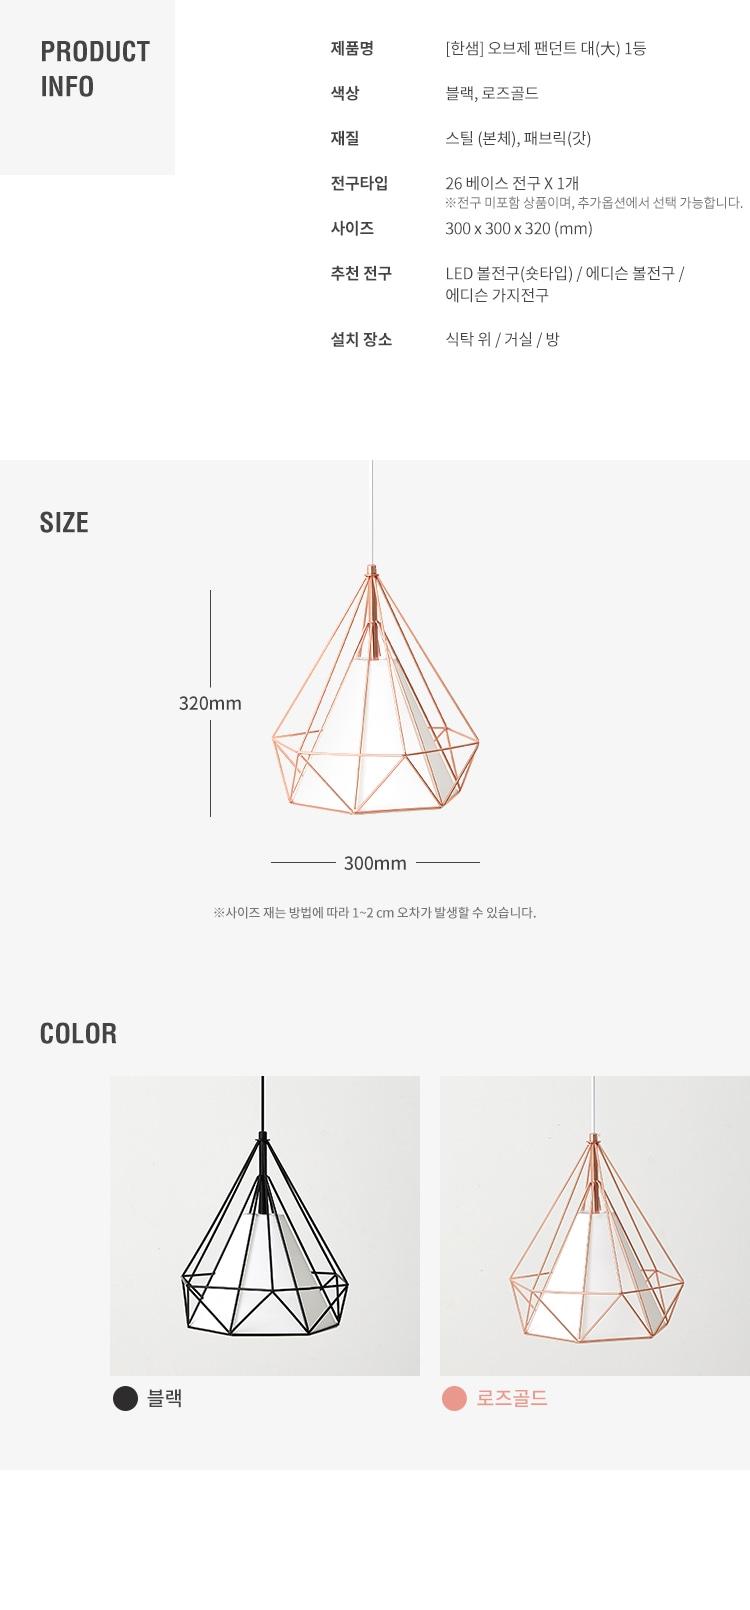 [한샘] 오브제 팬던트 大 1등(DIY)_블랙 - 한샘, 39,900원, 디자인조명, 팬던트조명